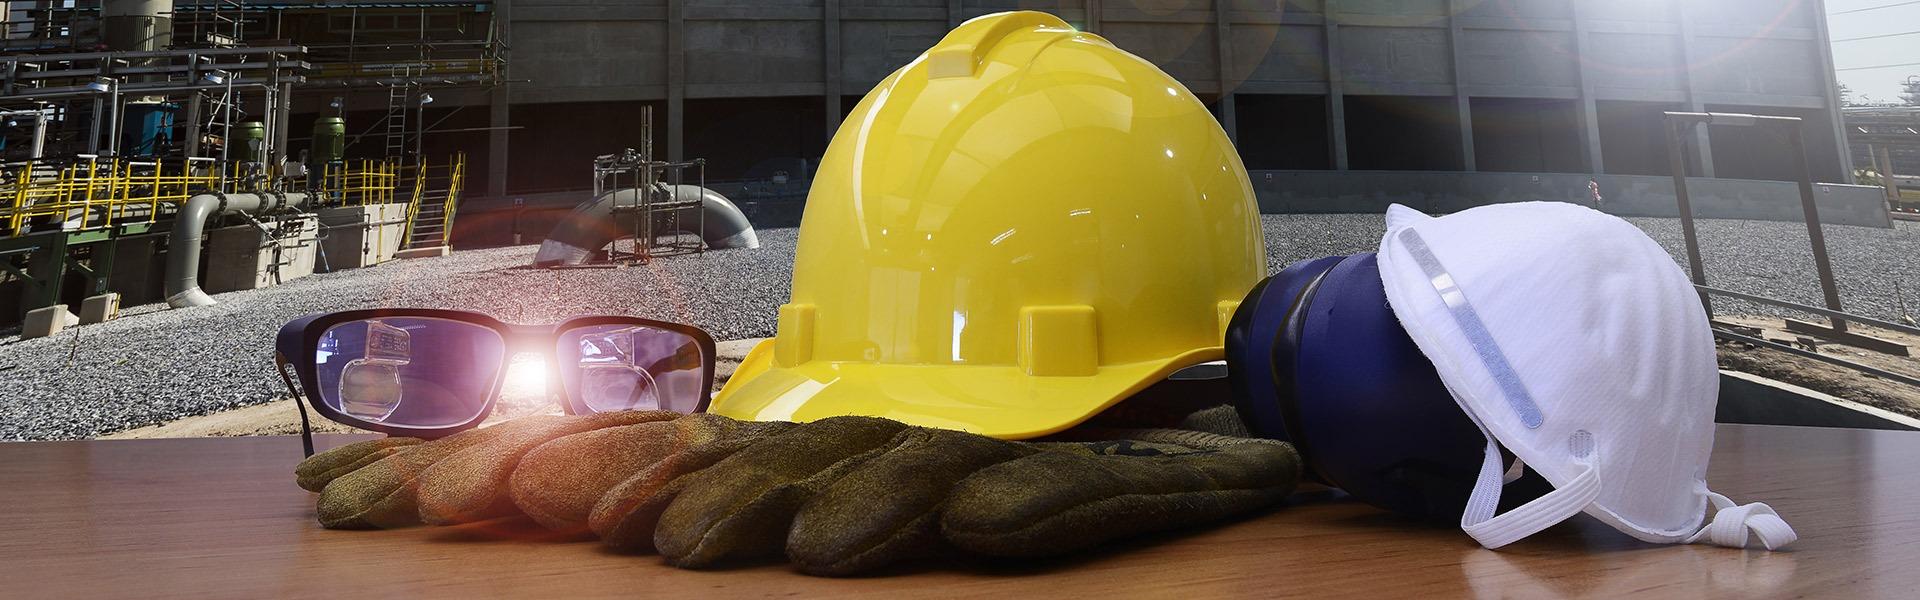 Aggiornamento RLS e corsi per rappresentanti sicurezza sul lavoro